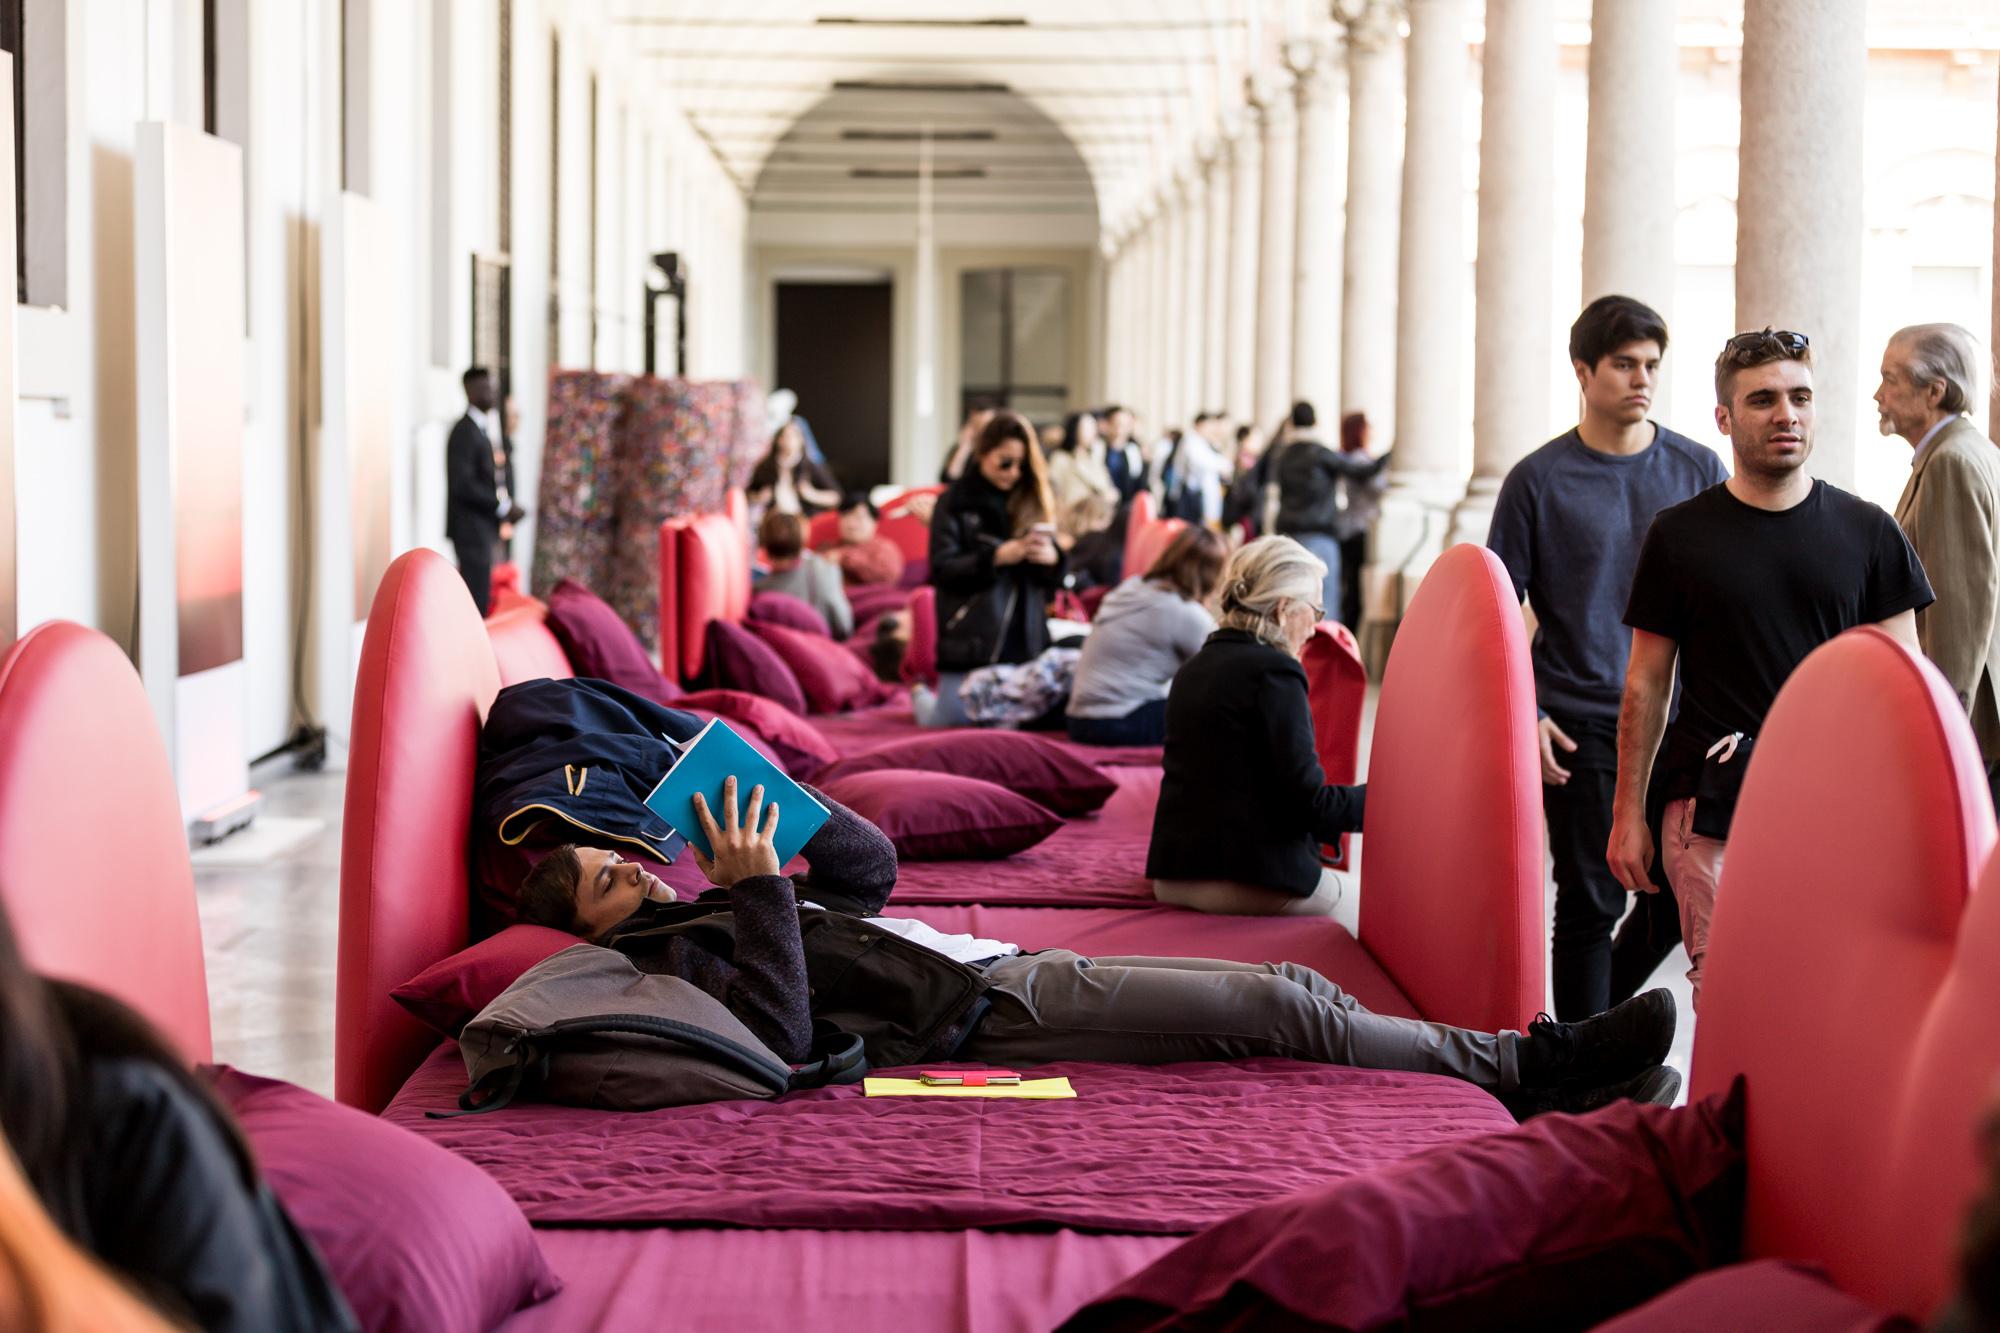 Man reading during Salone del mobile - Work of Fabio Novembre